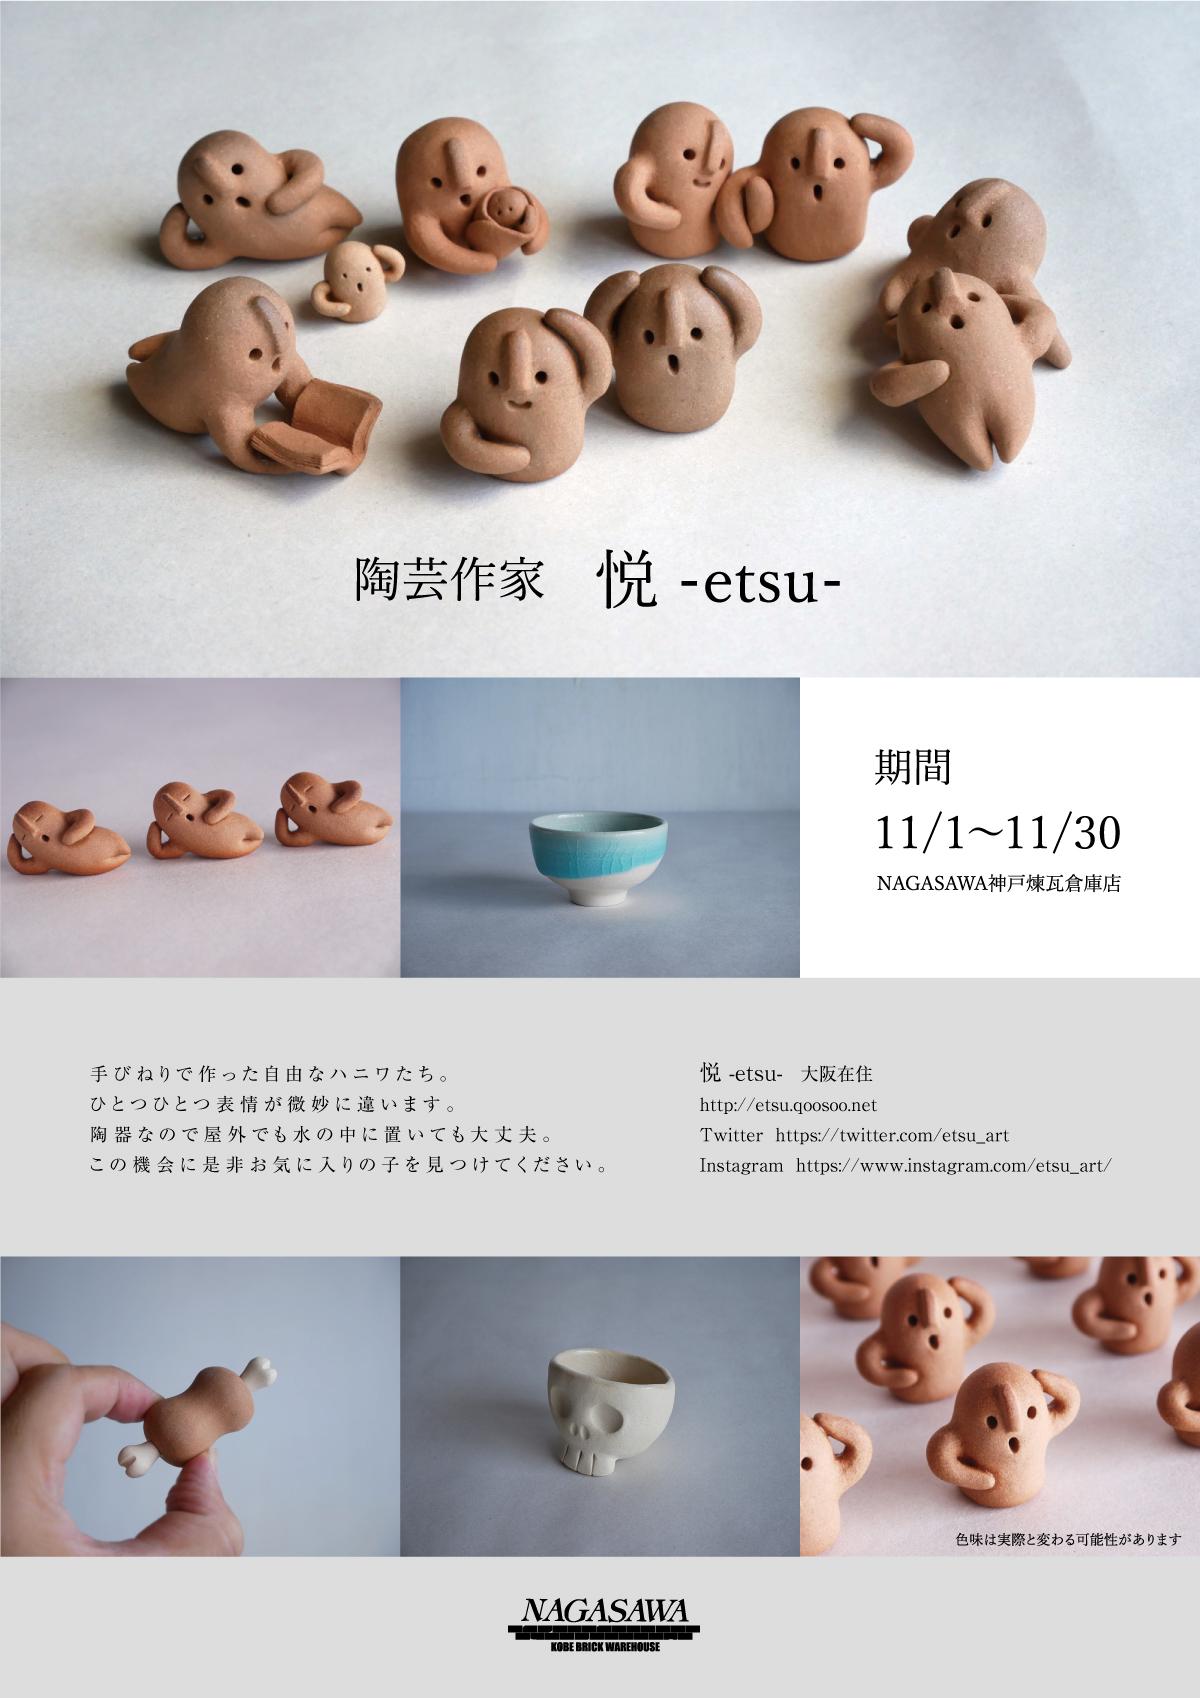 【神戸煉瓦倉庫店】陶芸作家 悦-etsu-さんの作品展示&販売会&ワークショップ